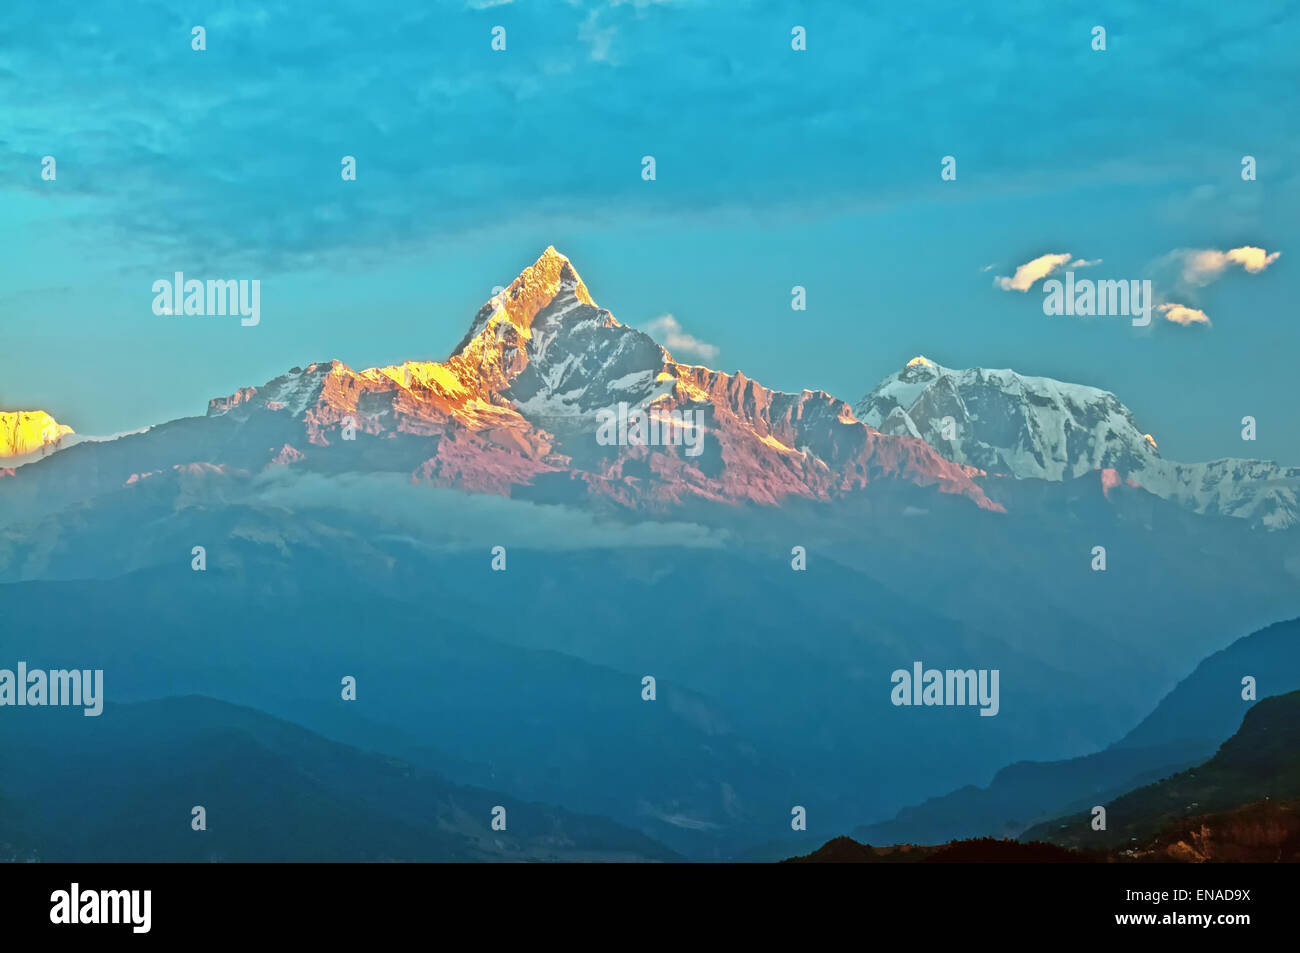 Annapurna Himalayan at sunrise. - Stock Image